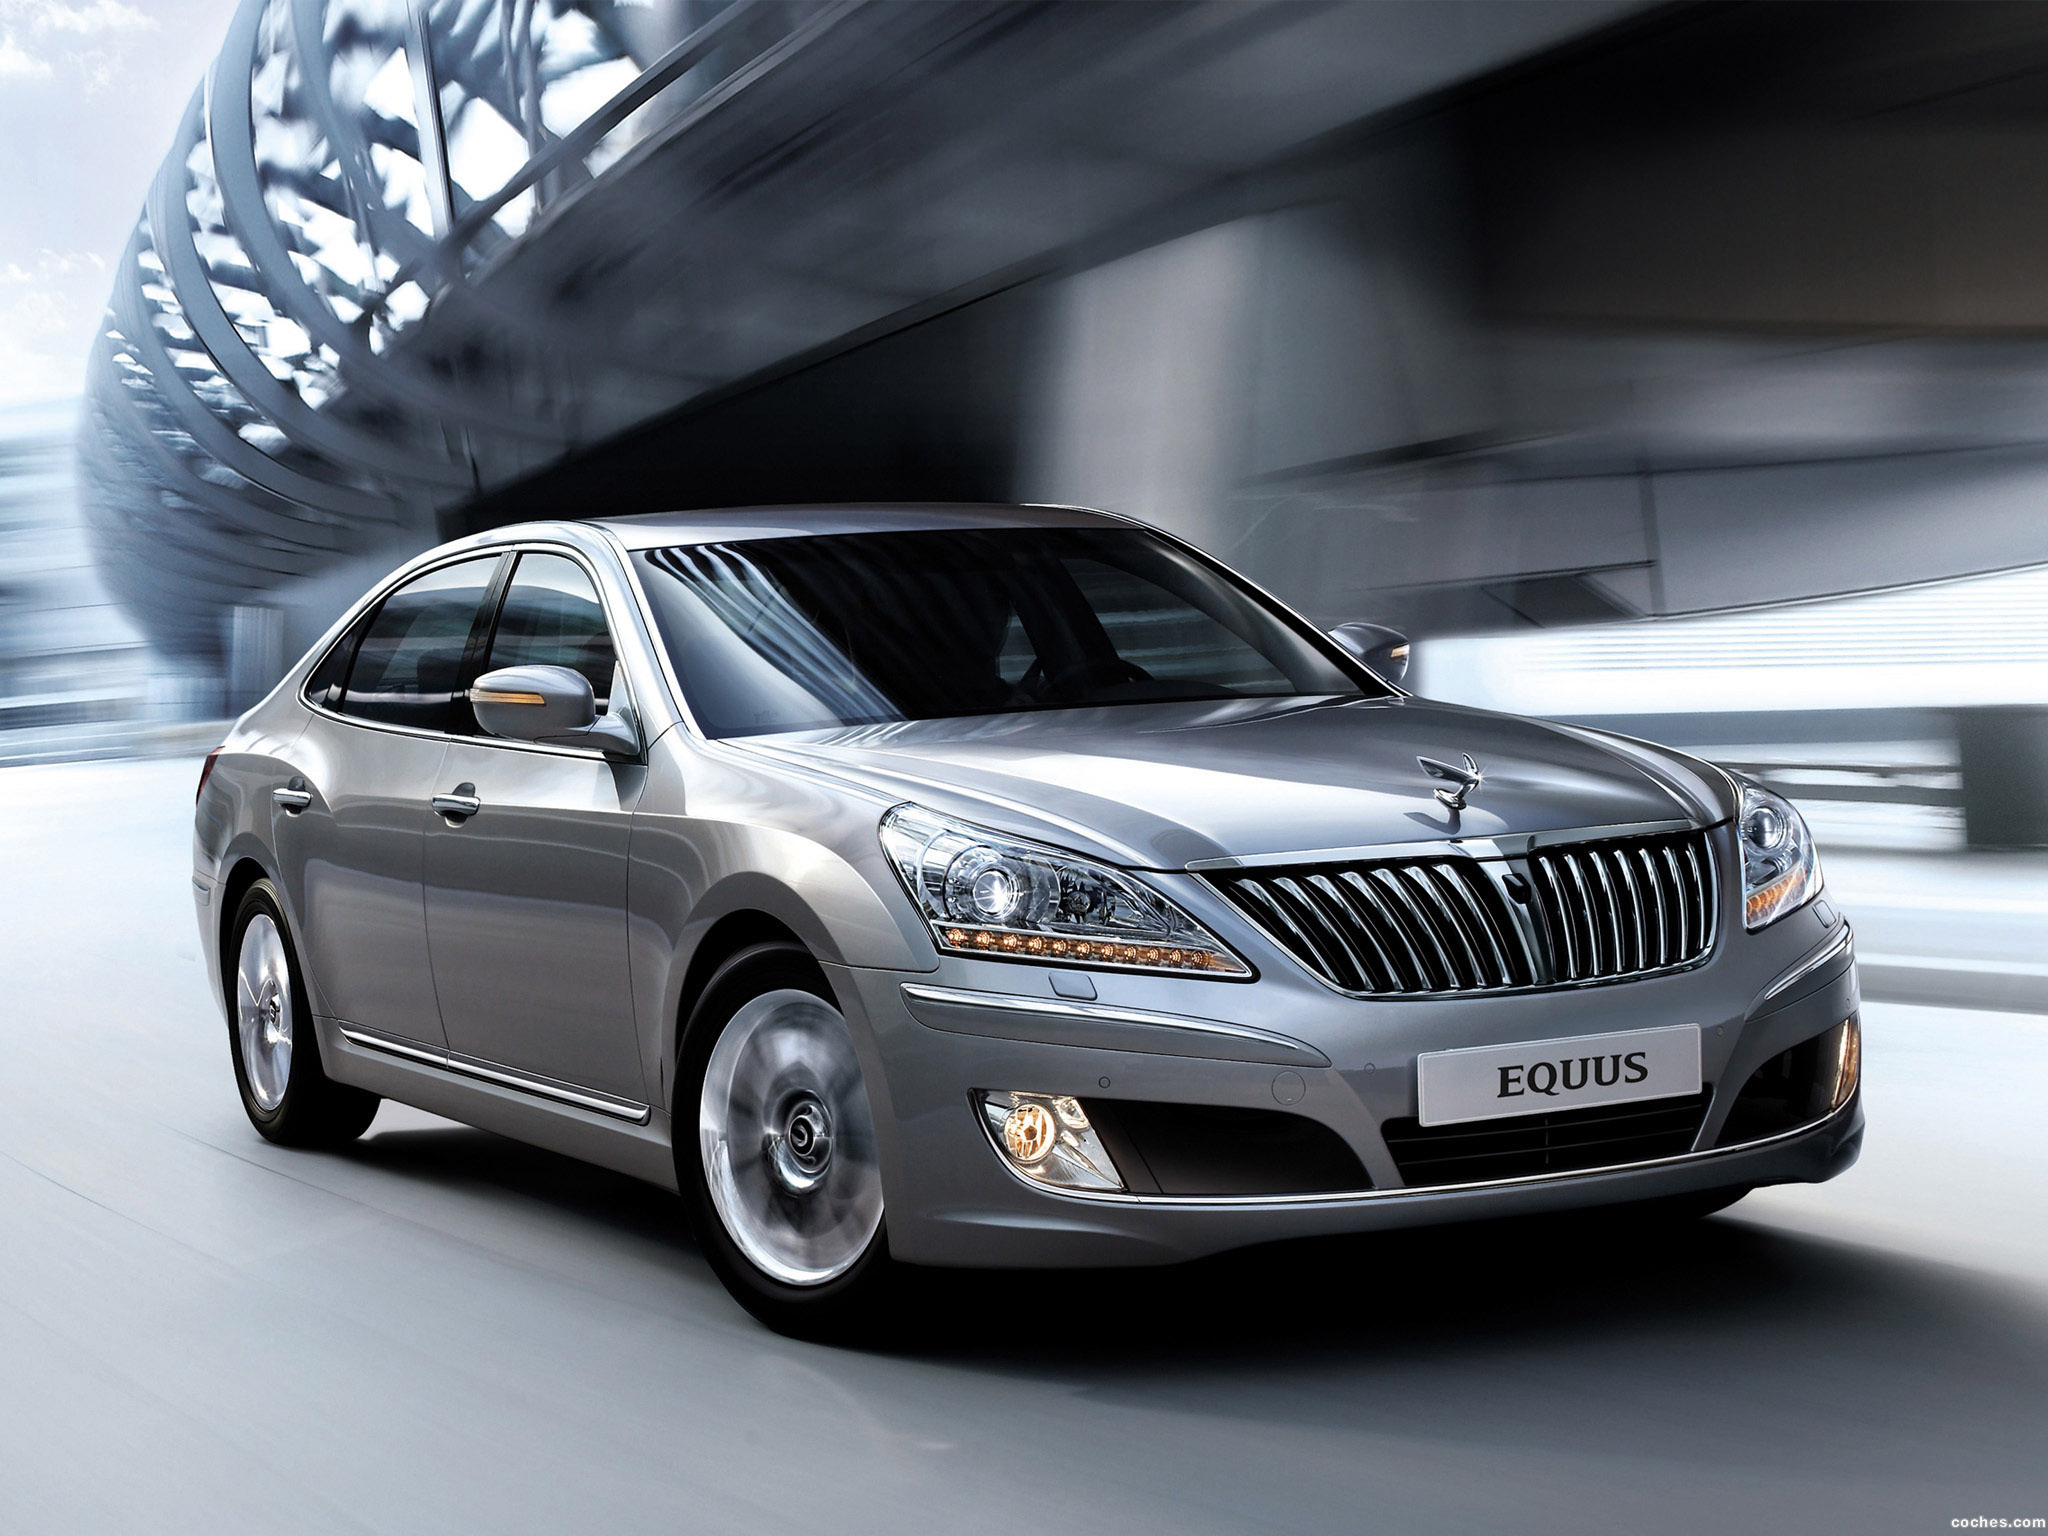 Foto 0 de Hyundai Equus 2010